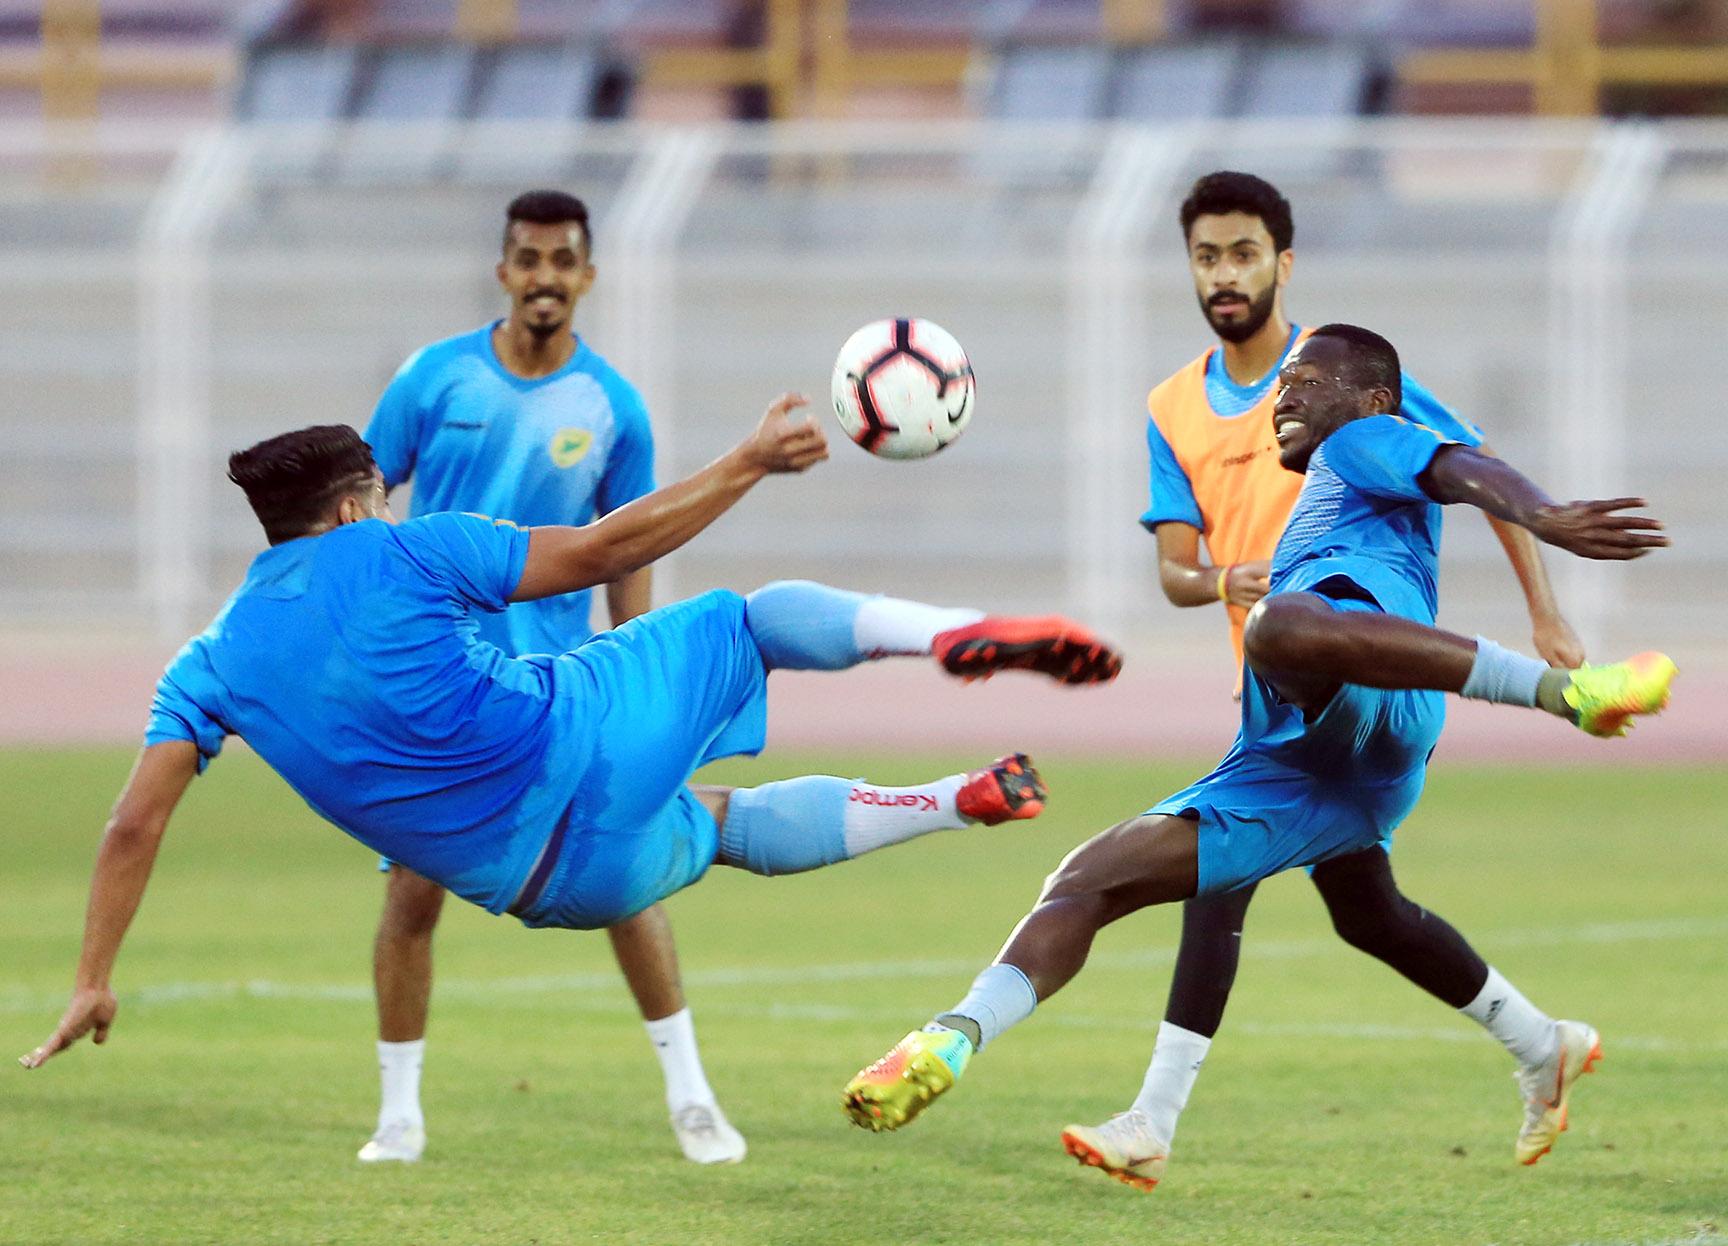 الخليج يجري تدريبه بسيهات قبل المغادرة للباحة لمواجهة العين ضمن منافسات الجولة 36 لدوري الأمير محمد بن سلمان للدرجة الأولى